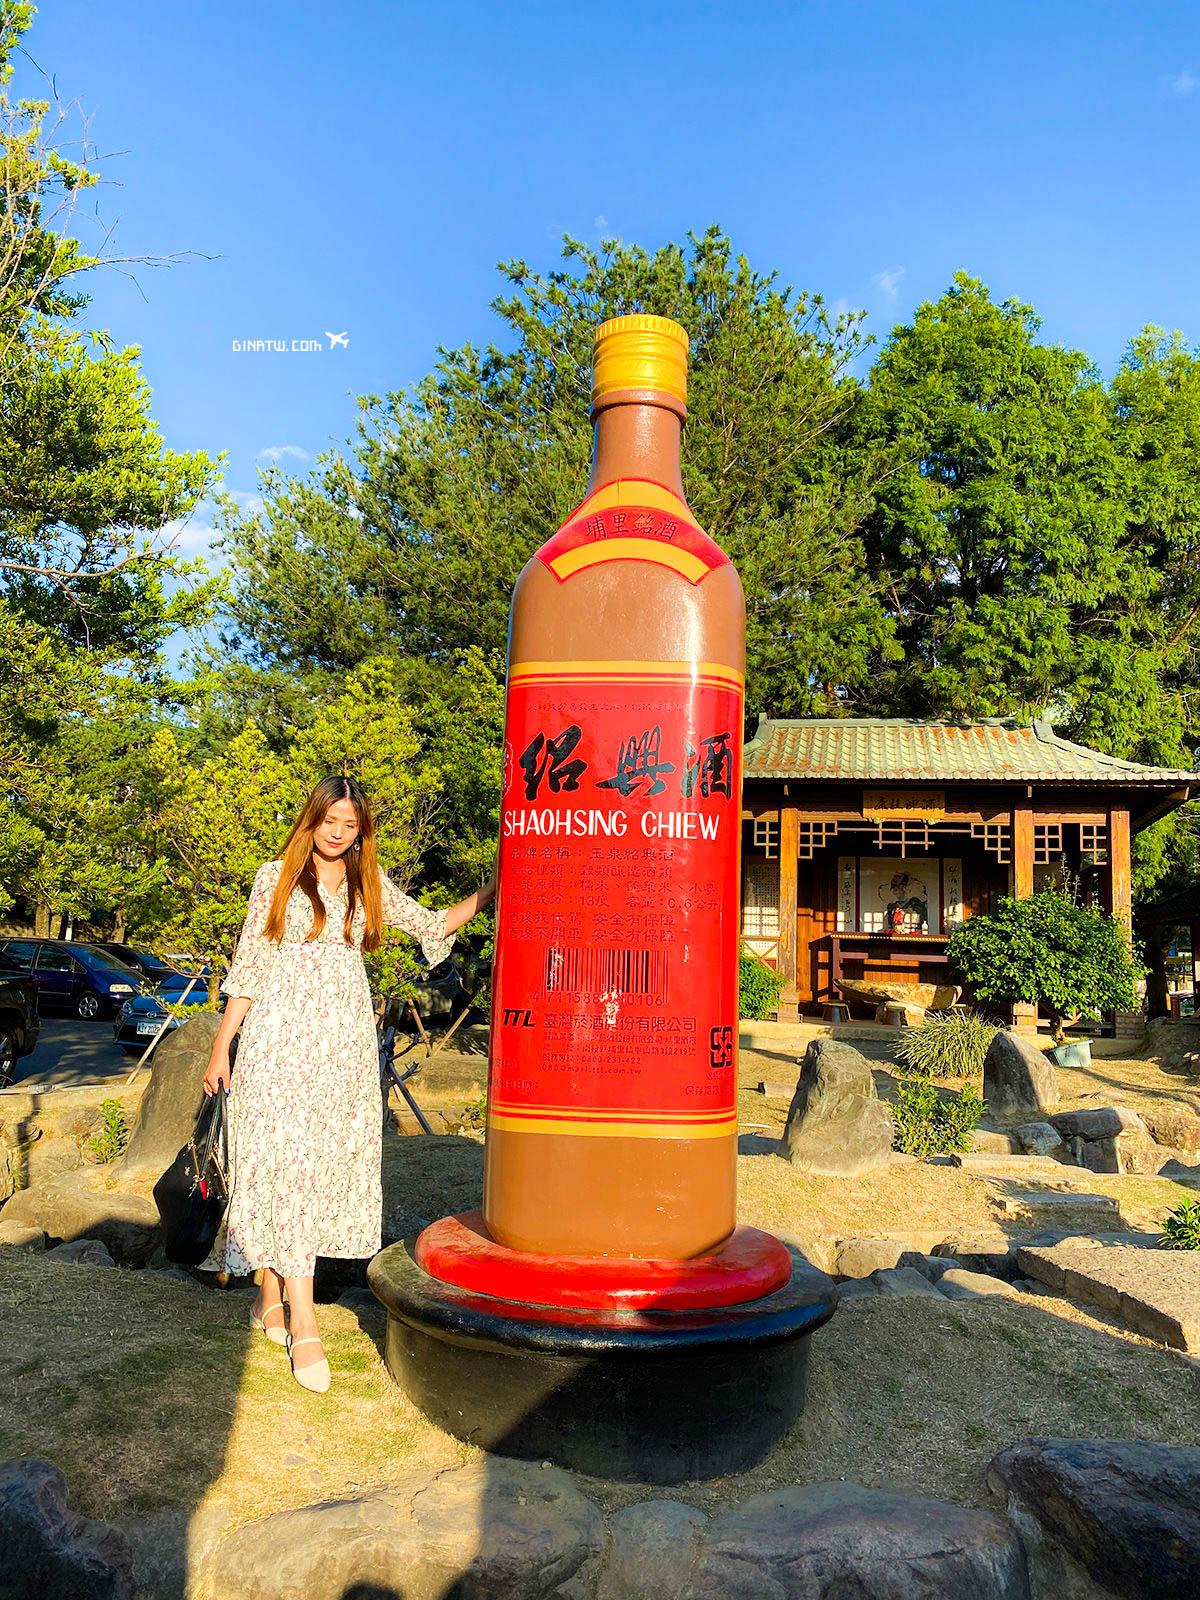 【埔里名產】埔里酒廠必買|紹興酒蛋、溏心皮蛋、埔里銘酒|埔里酒廠展售中心|酒香泡麵、花雕東坡肉麵、花雕雞麵 @GINA環球旅行生活|不會韓文也可以去韓國 🇹🇼